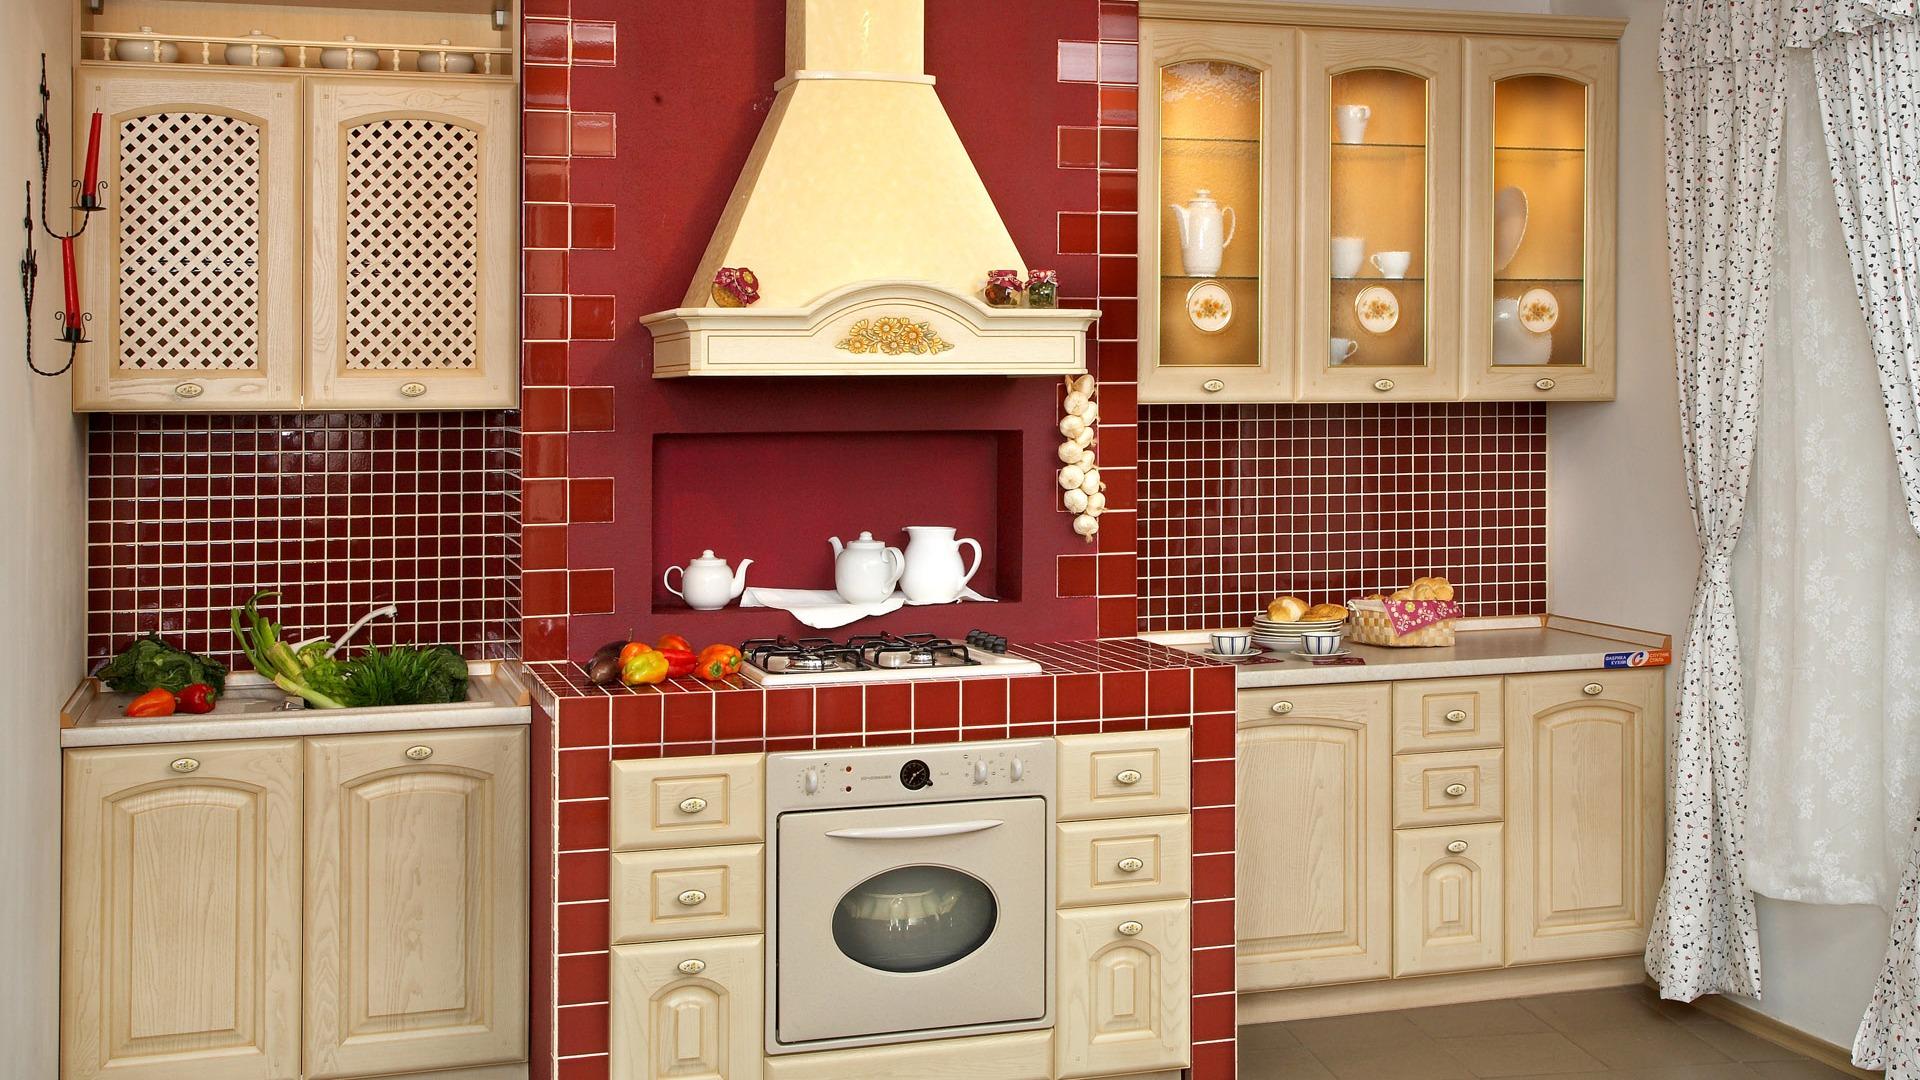 fond d 39 cran photo de la cuisine 1 7 1920x1080 fond d 39 cran t l charger fond d 39 cran. Black Bedroom Furniture Sets. Home Design Ideas